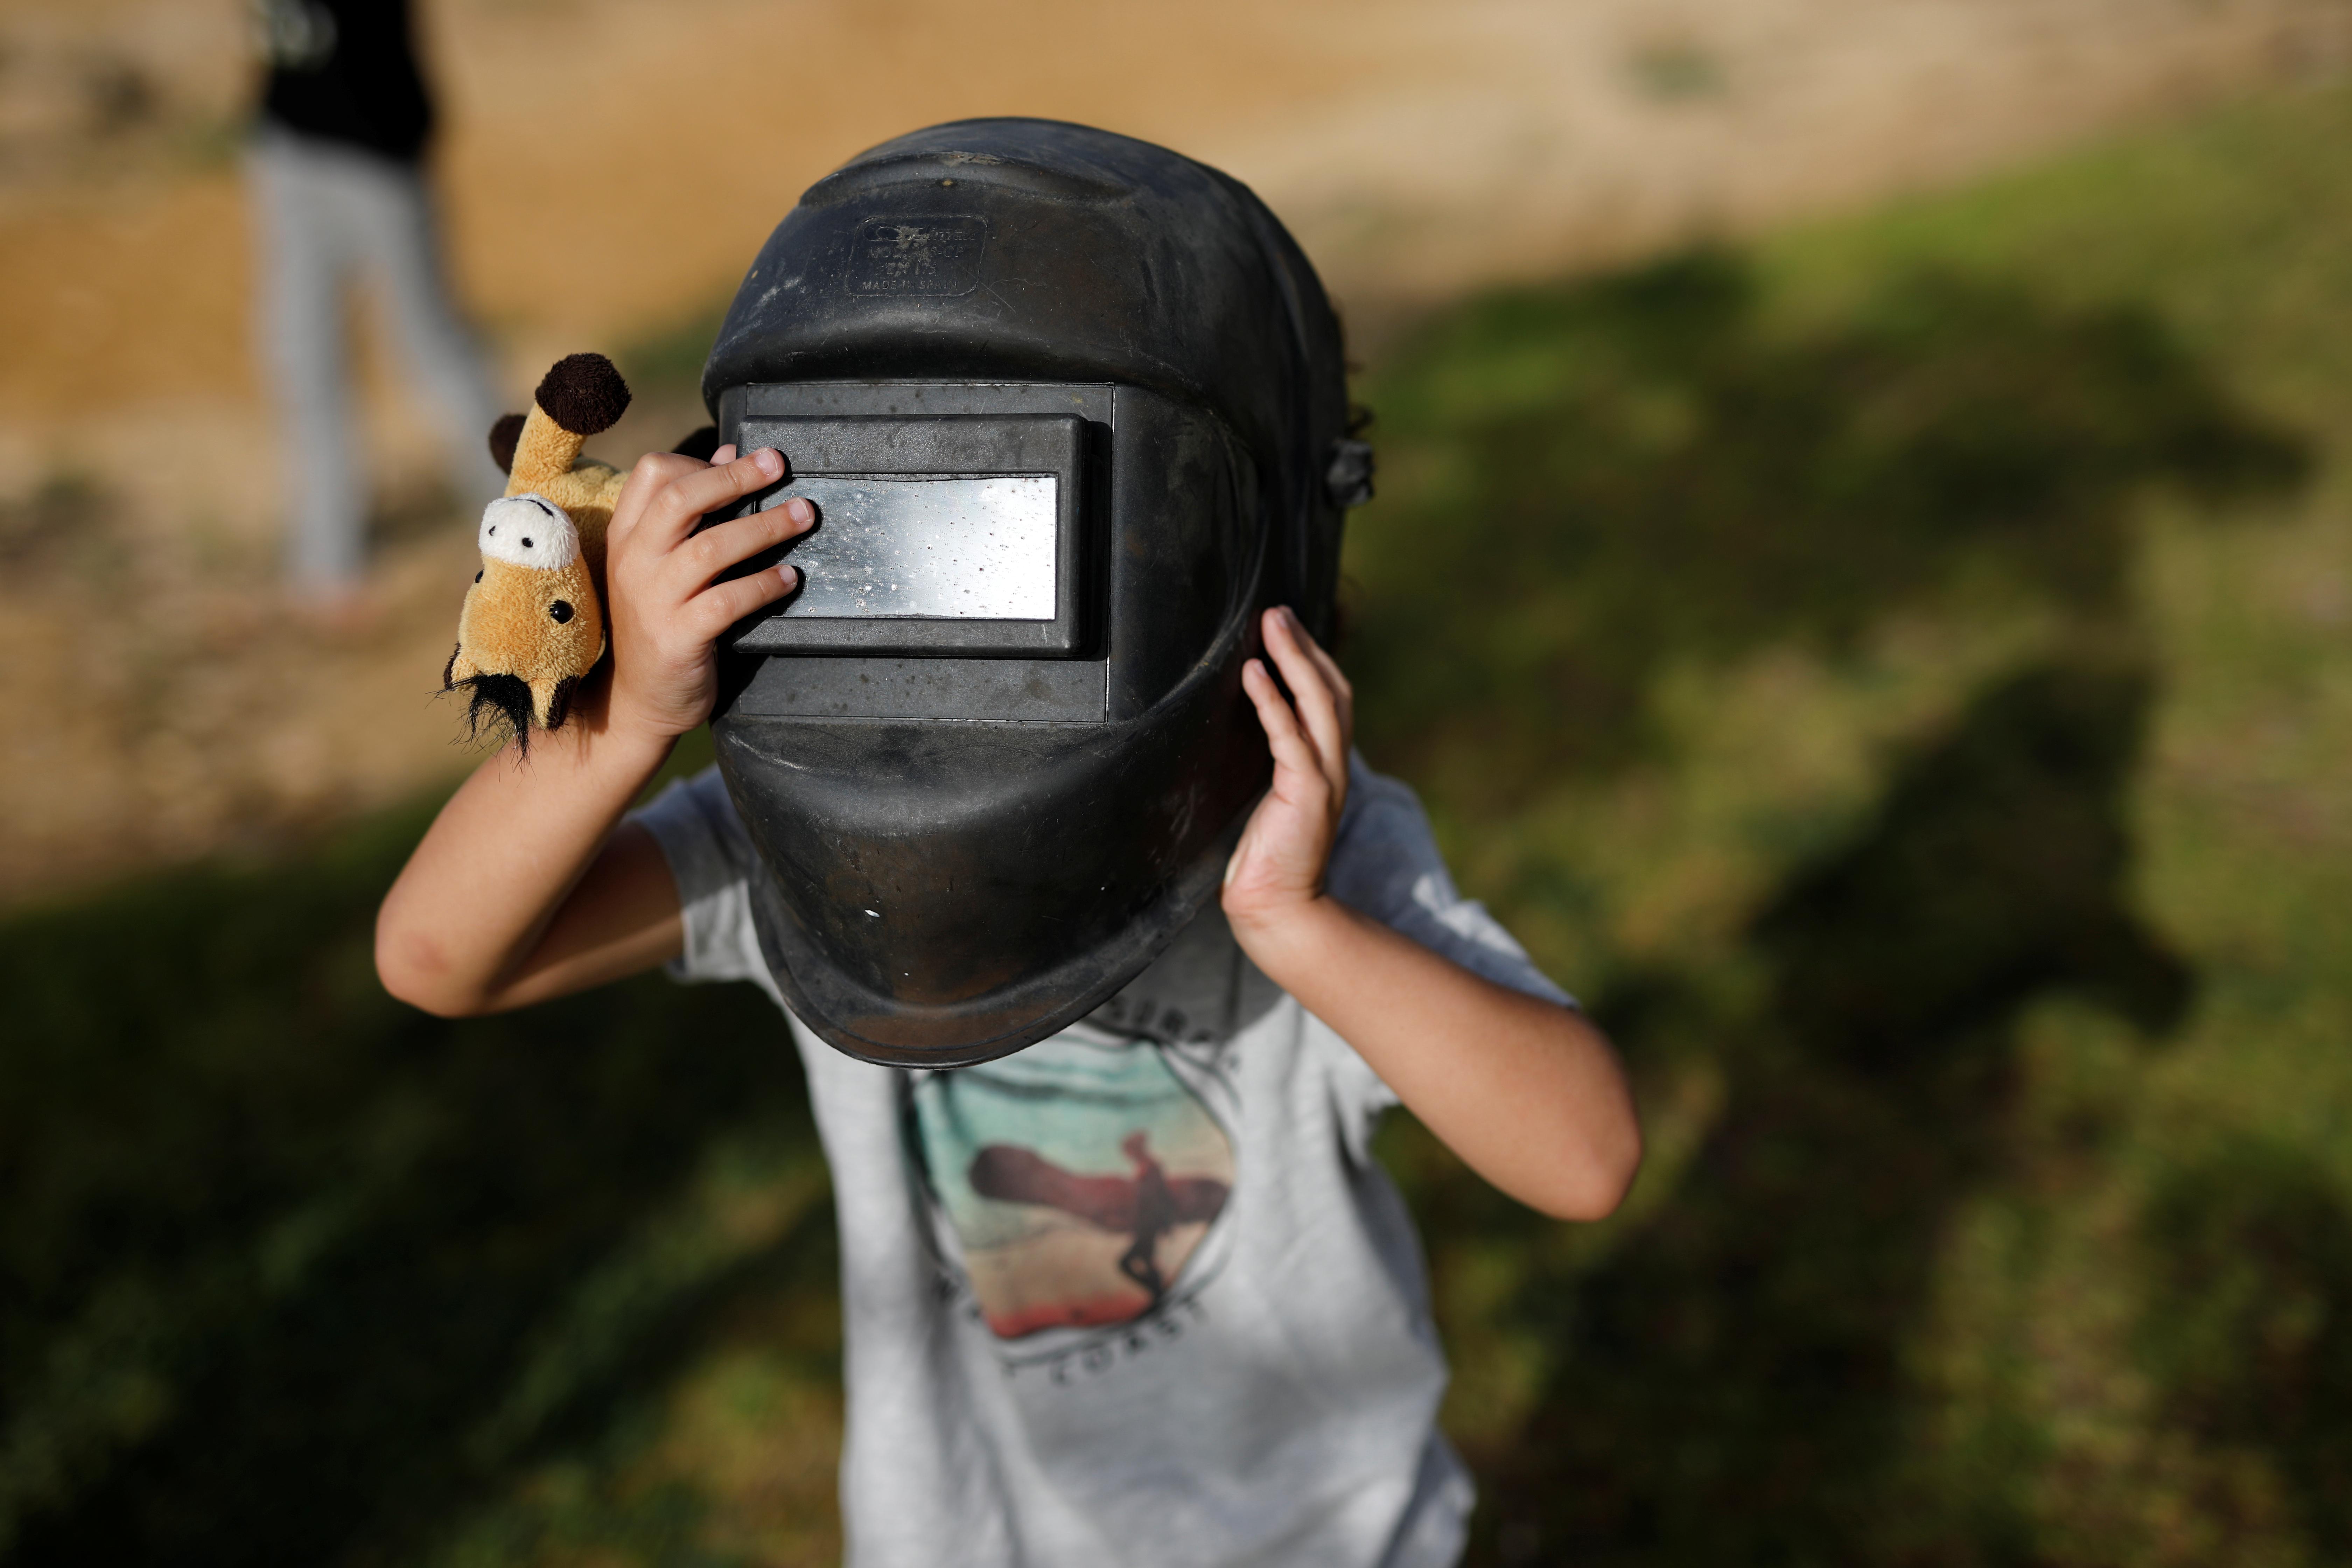 Un niño mira desde un casco